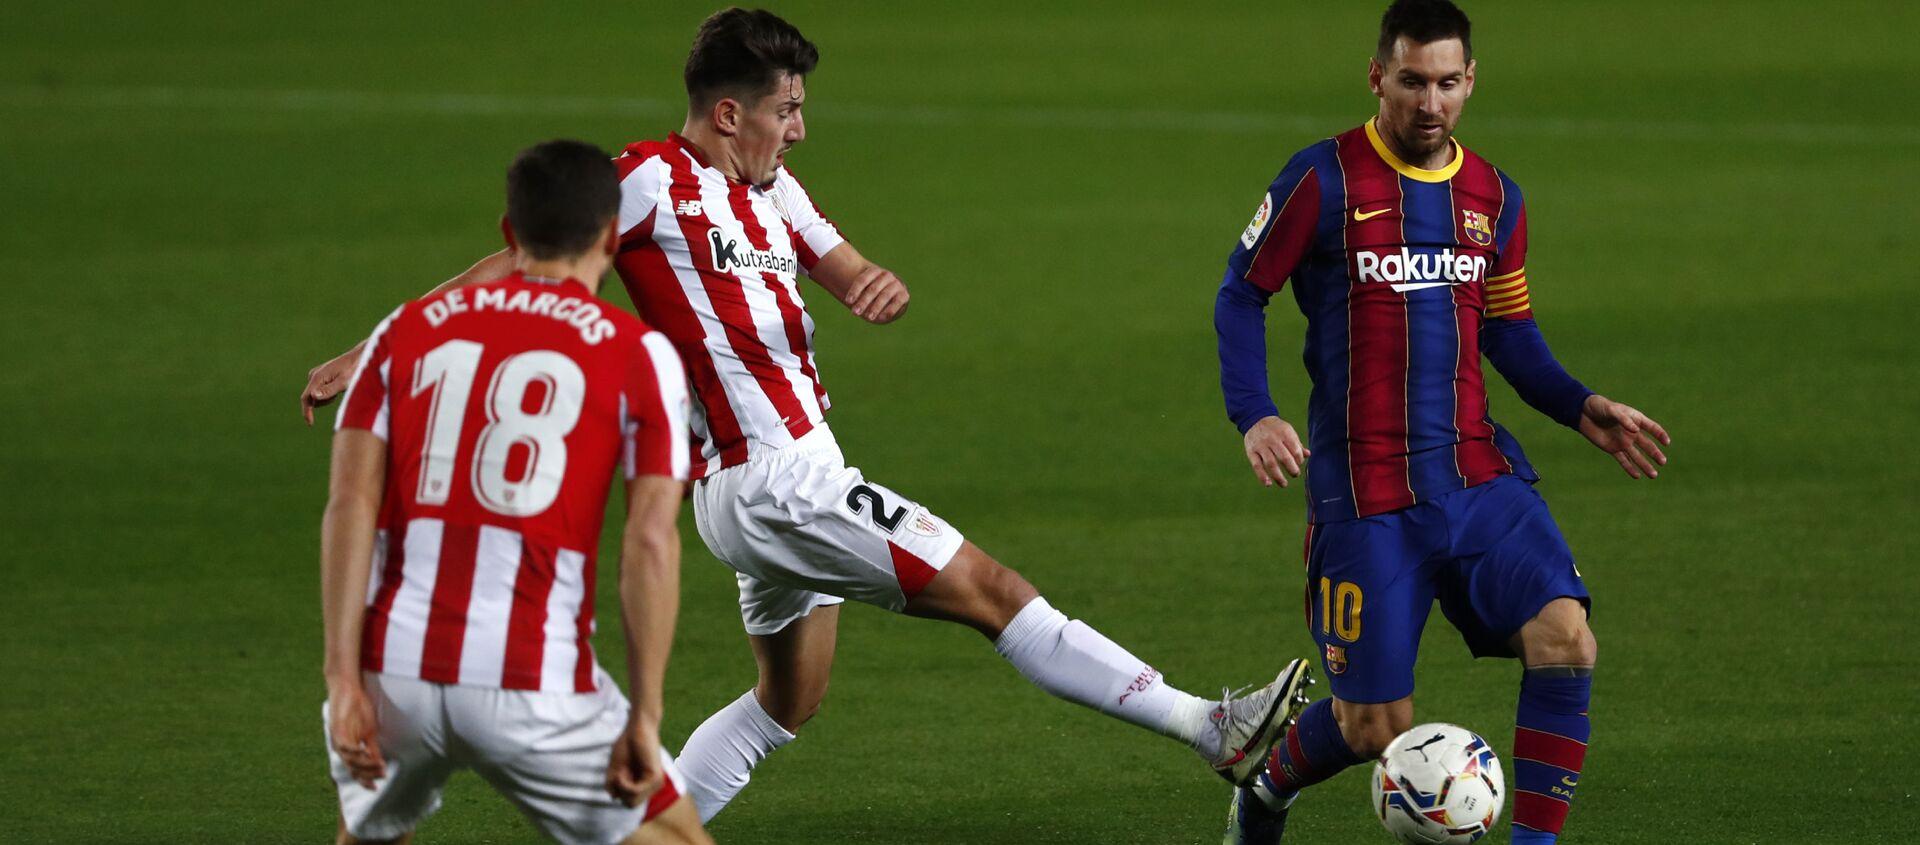 El jugador Lionel Messi en un partido contra el Athletic de Bilbao - Sputnik Mundo, 1920, 03.02.2021